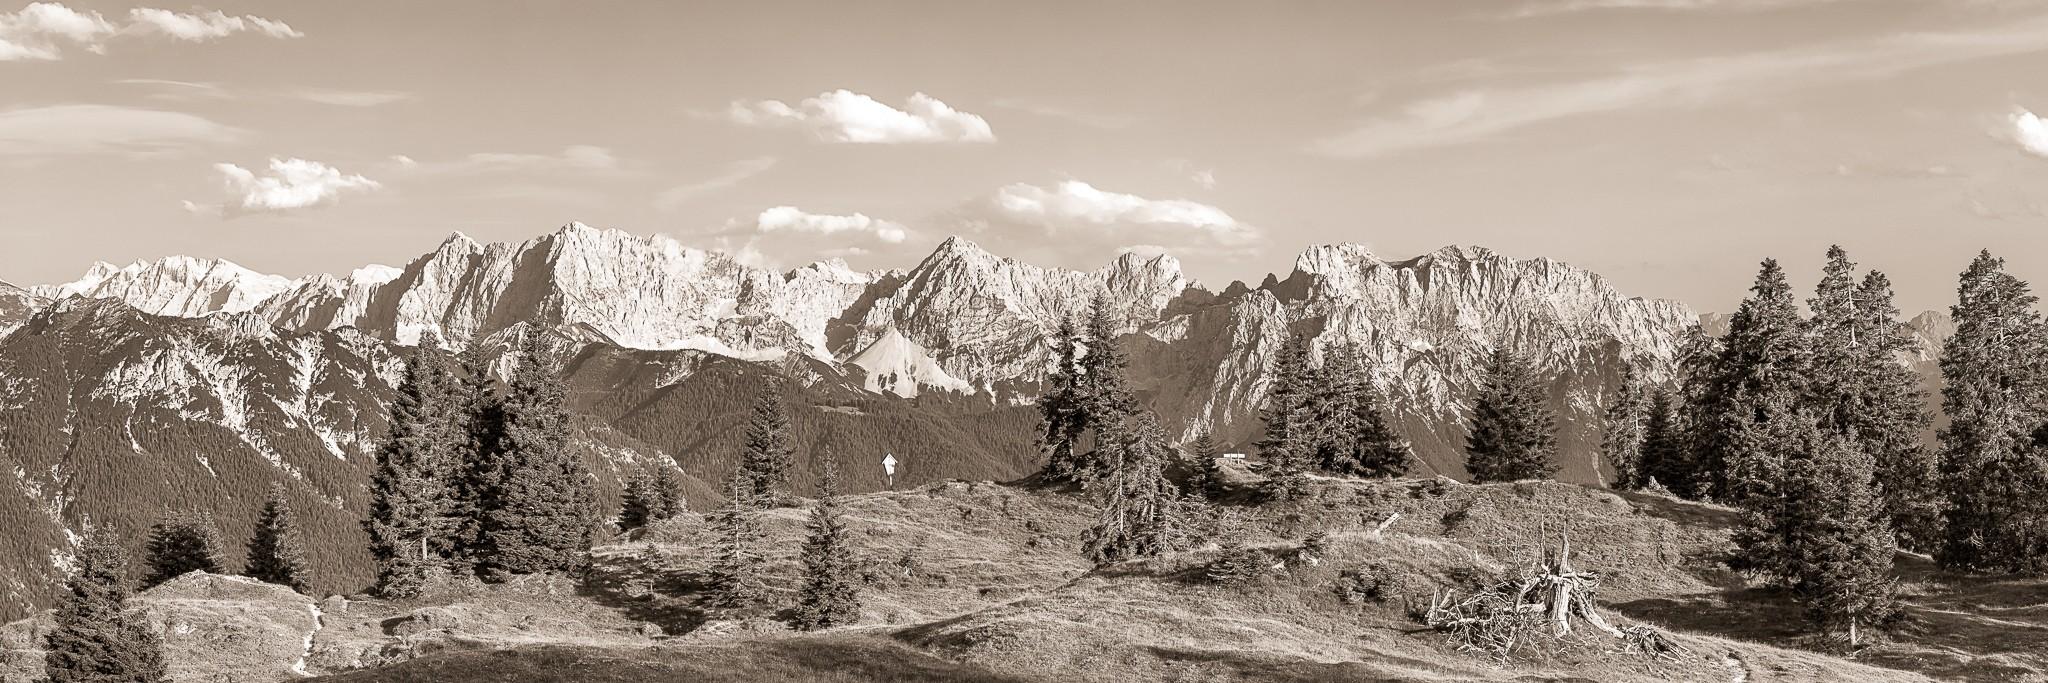 Sepia - Goldene Stunde auf der Almwiese mit einzeln stehenden Bäumen. Blick auf das Karwendelgebirge mit Hoher Wörner, Tifkarspitze, Westliche Karwendelspitze, Viererspitze und Linderspitze